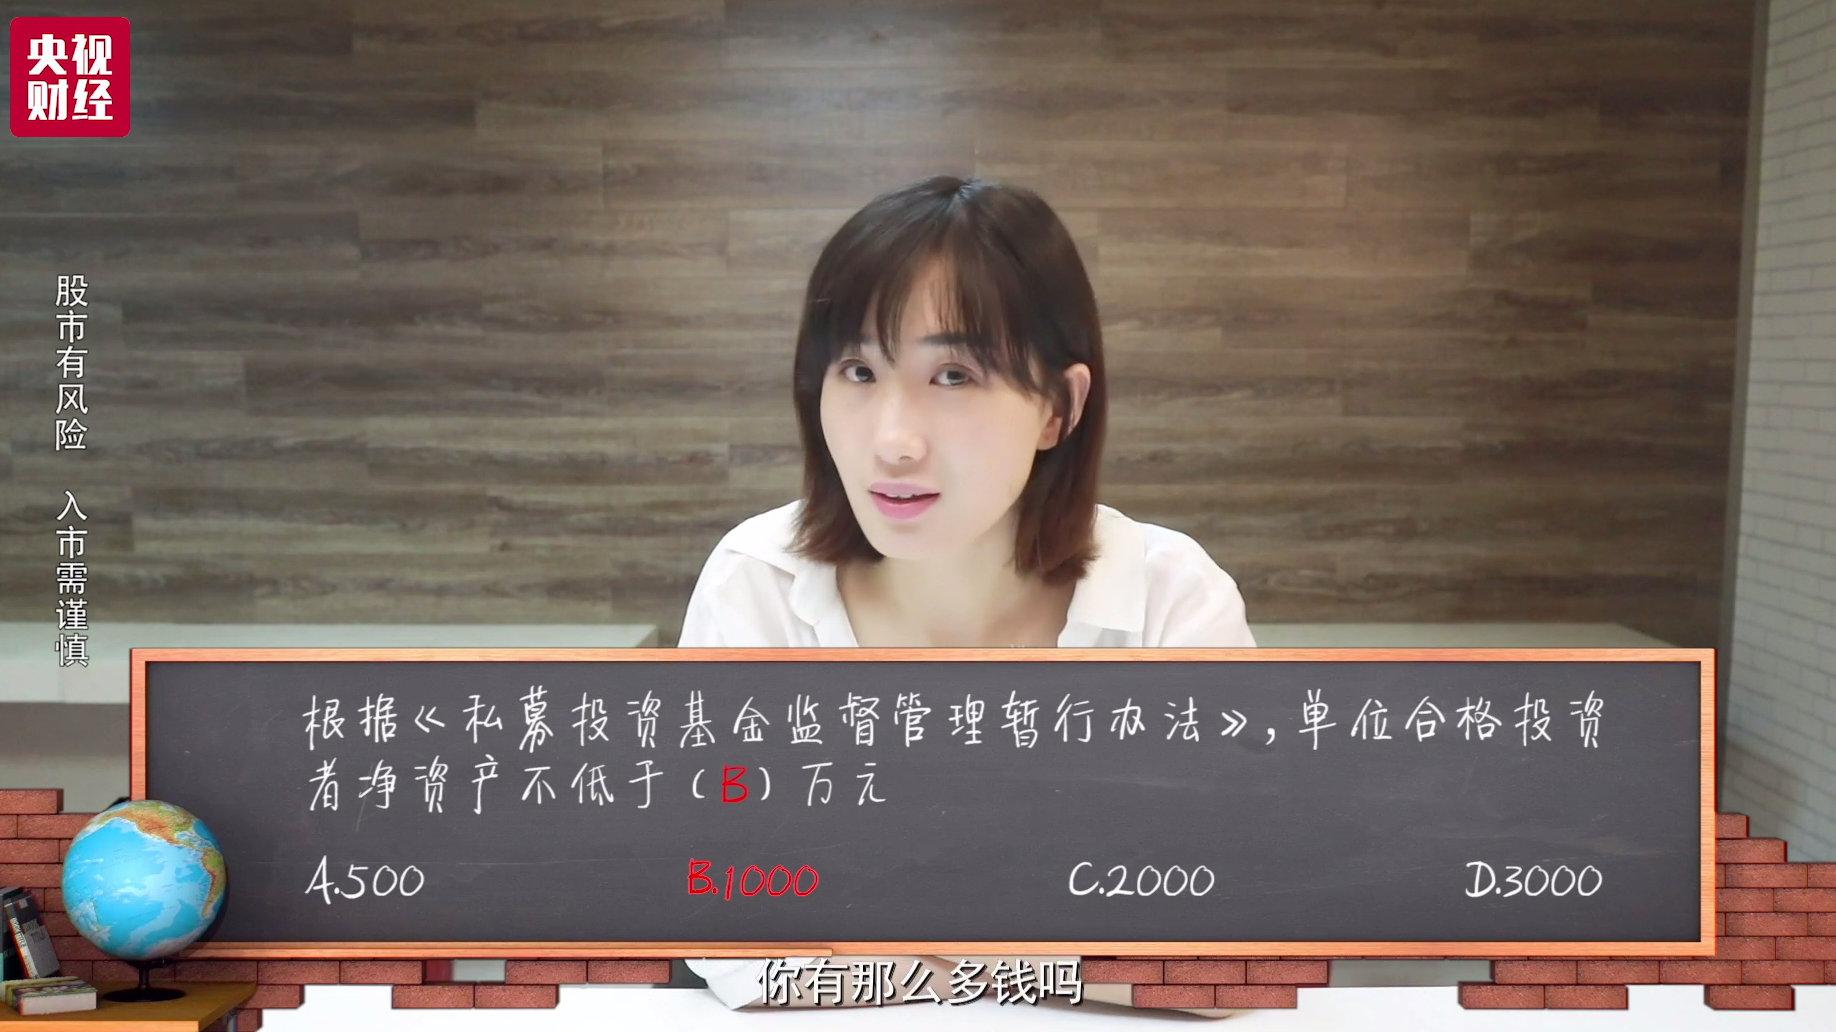 一段视频看懂:买私募基金必须知道这些事↓